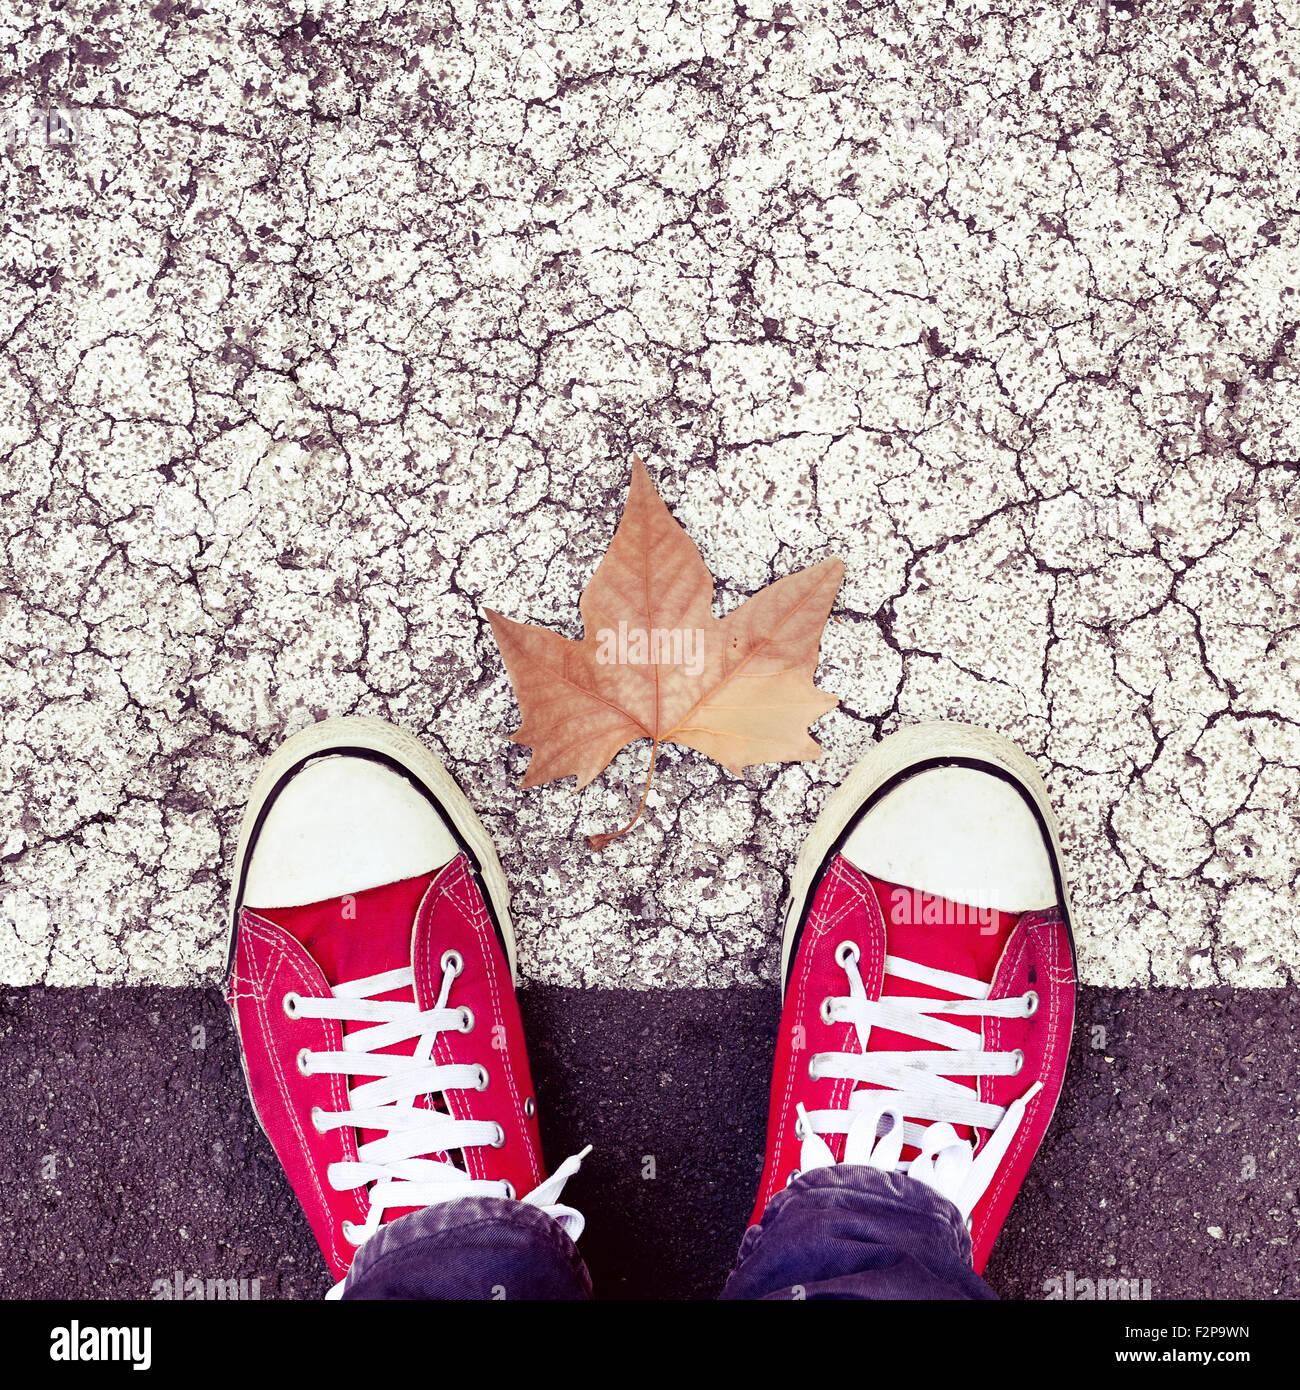 High-Angle Shot ein welkes Blatt und die Füße eines Mannes tragen rote Turnschuhe auf dem asphalt Stockbild